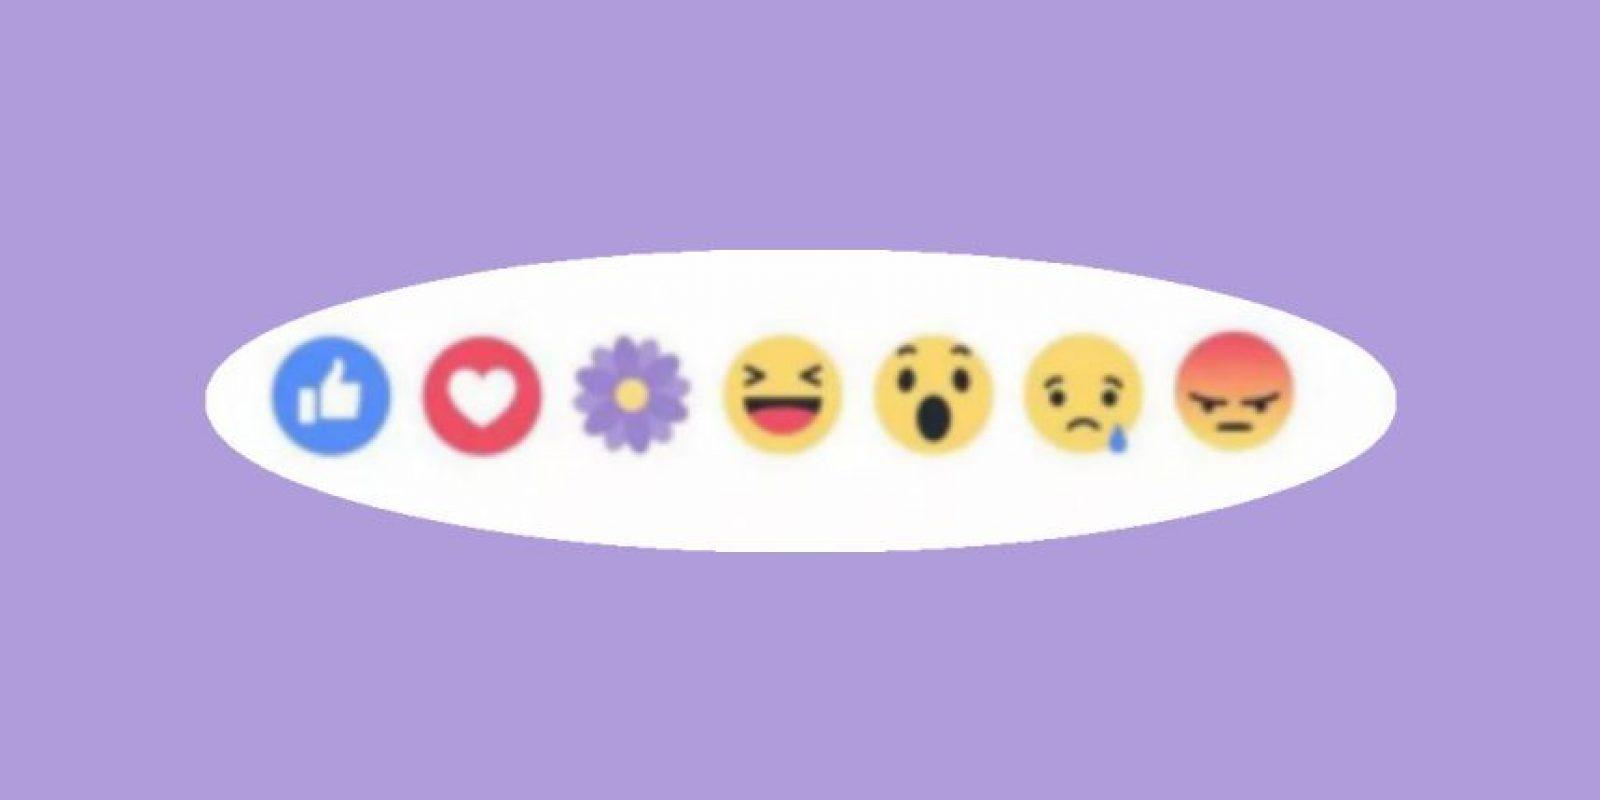 Para este Día de las Madres la red social estrenó una reacción temporal. Foto:Facebook